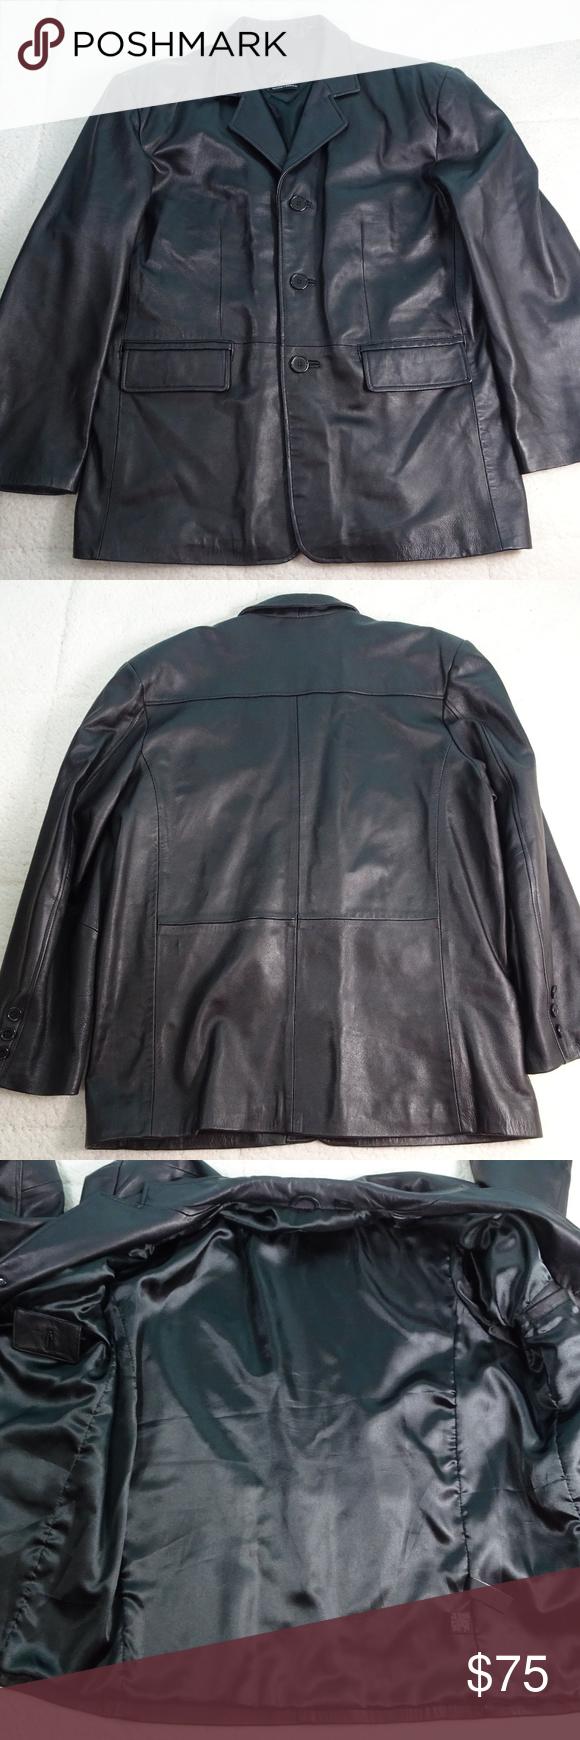 J Ferrer Lambskin Leather Jacket Size Large Euc Leather Jacket Lambskin Leather Lambskin Leather Jacket